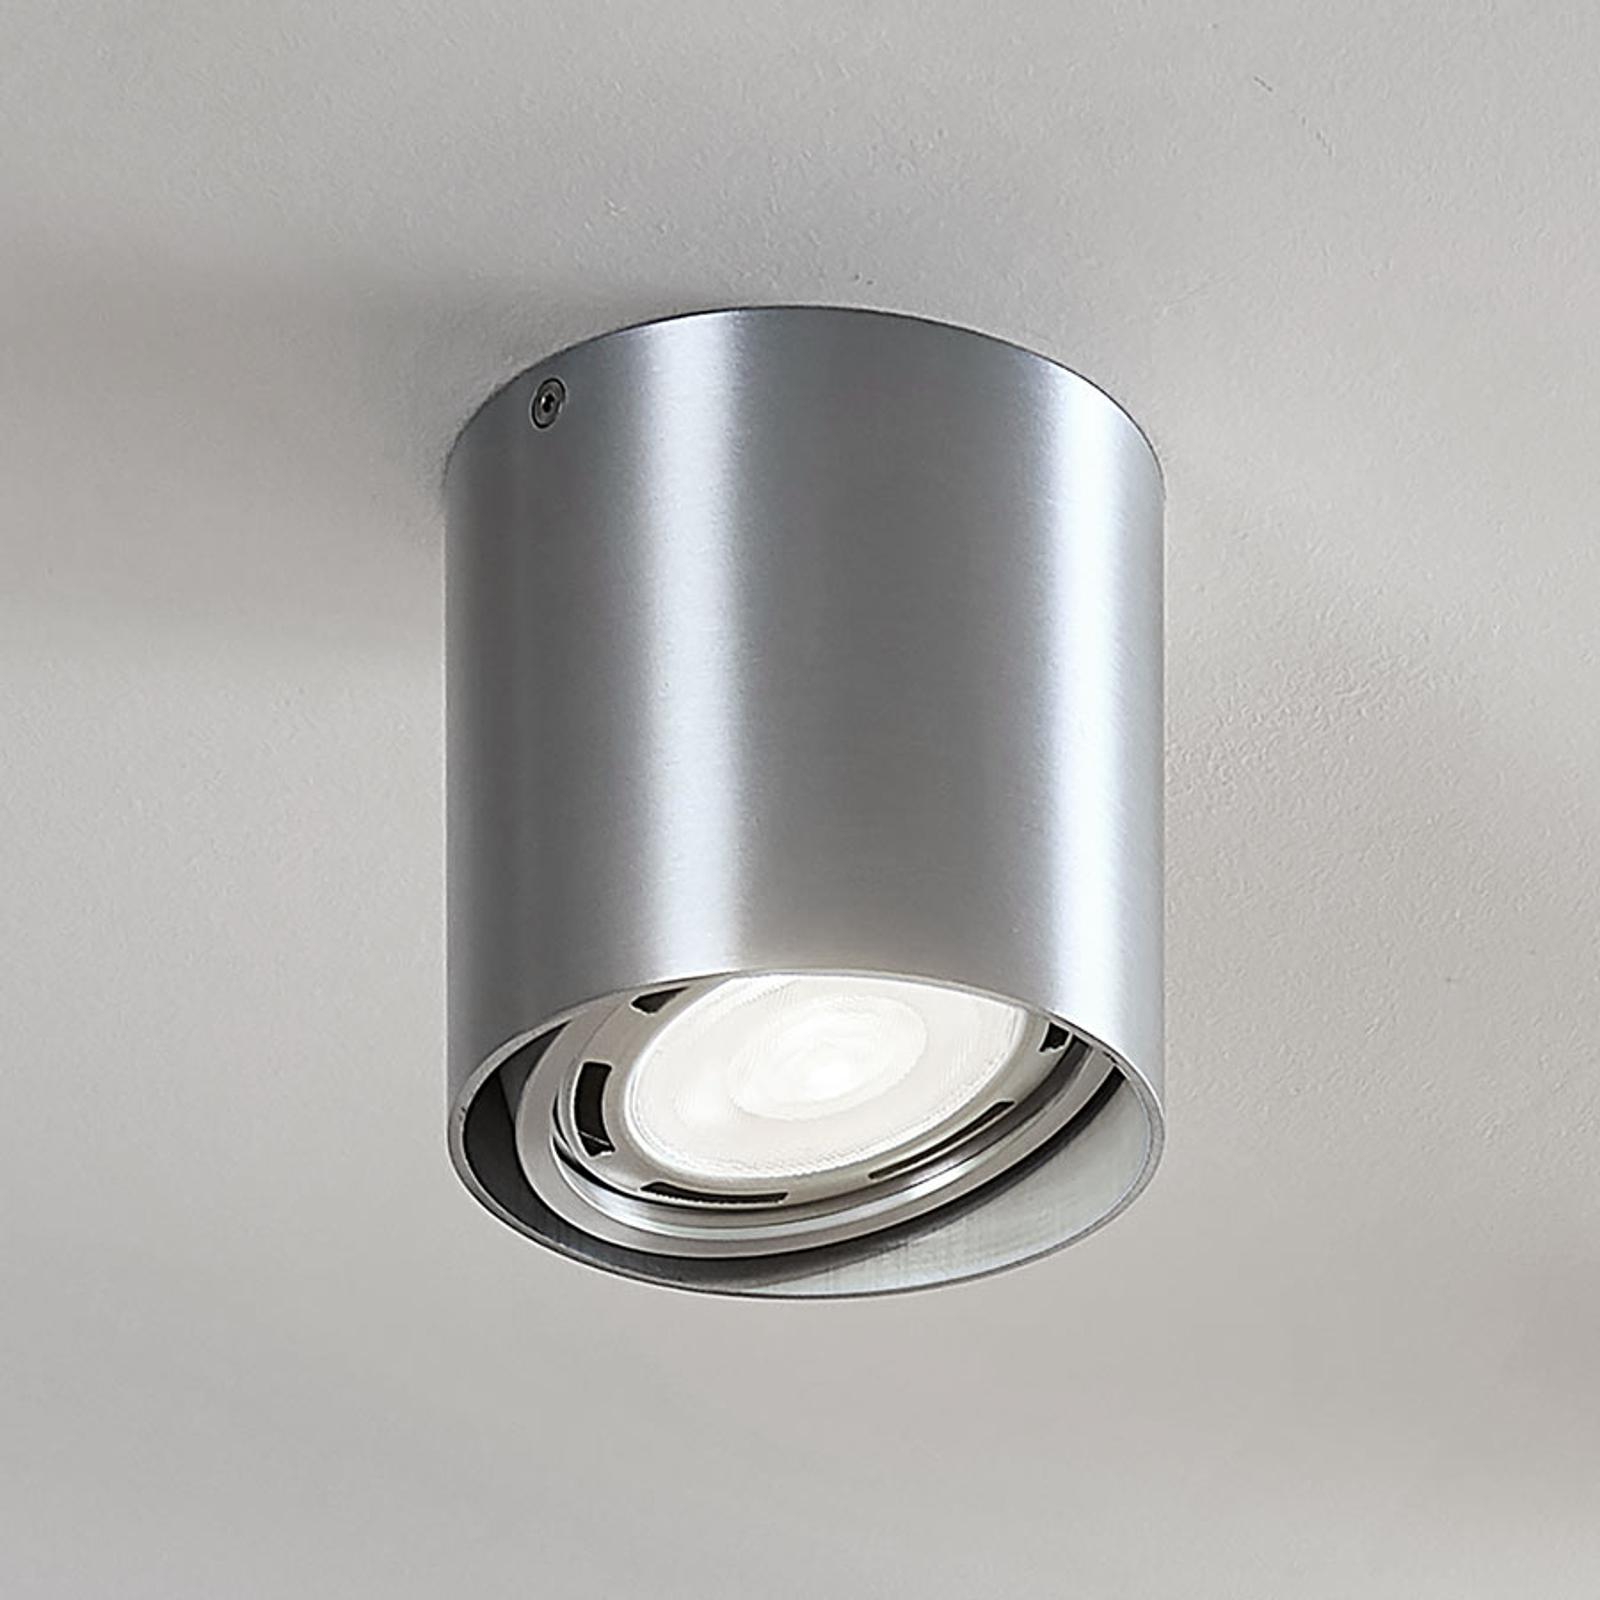 LED Downlight Rosalie 1-pl. okrúhle hliník_9621904_1